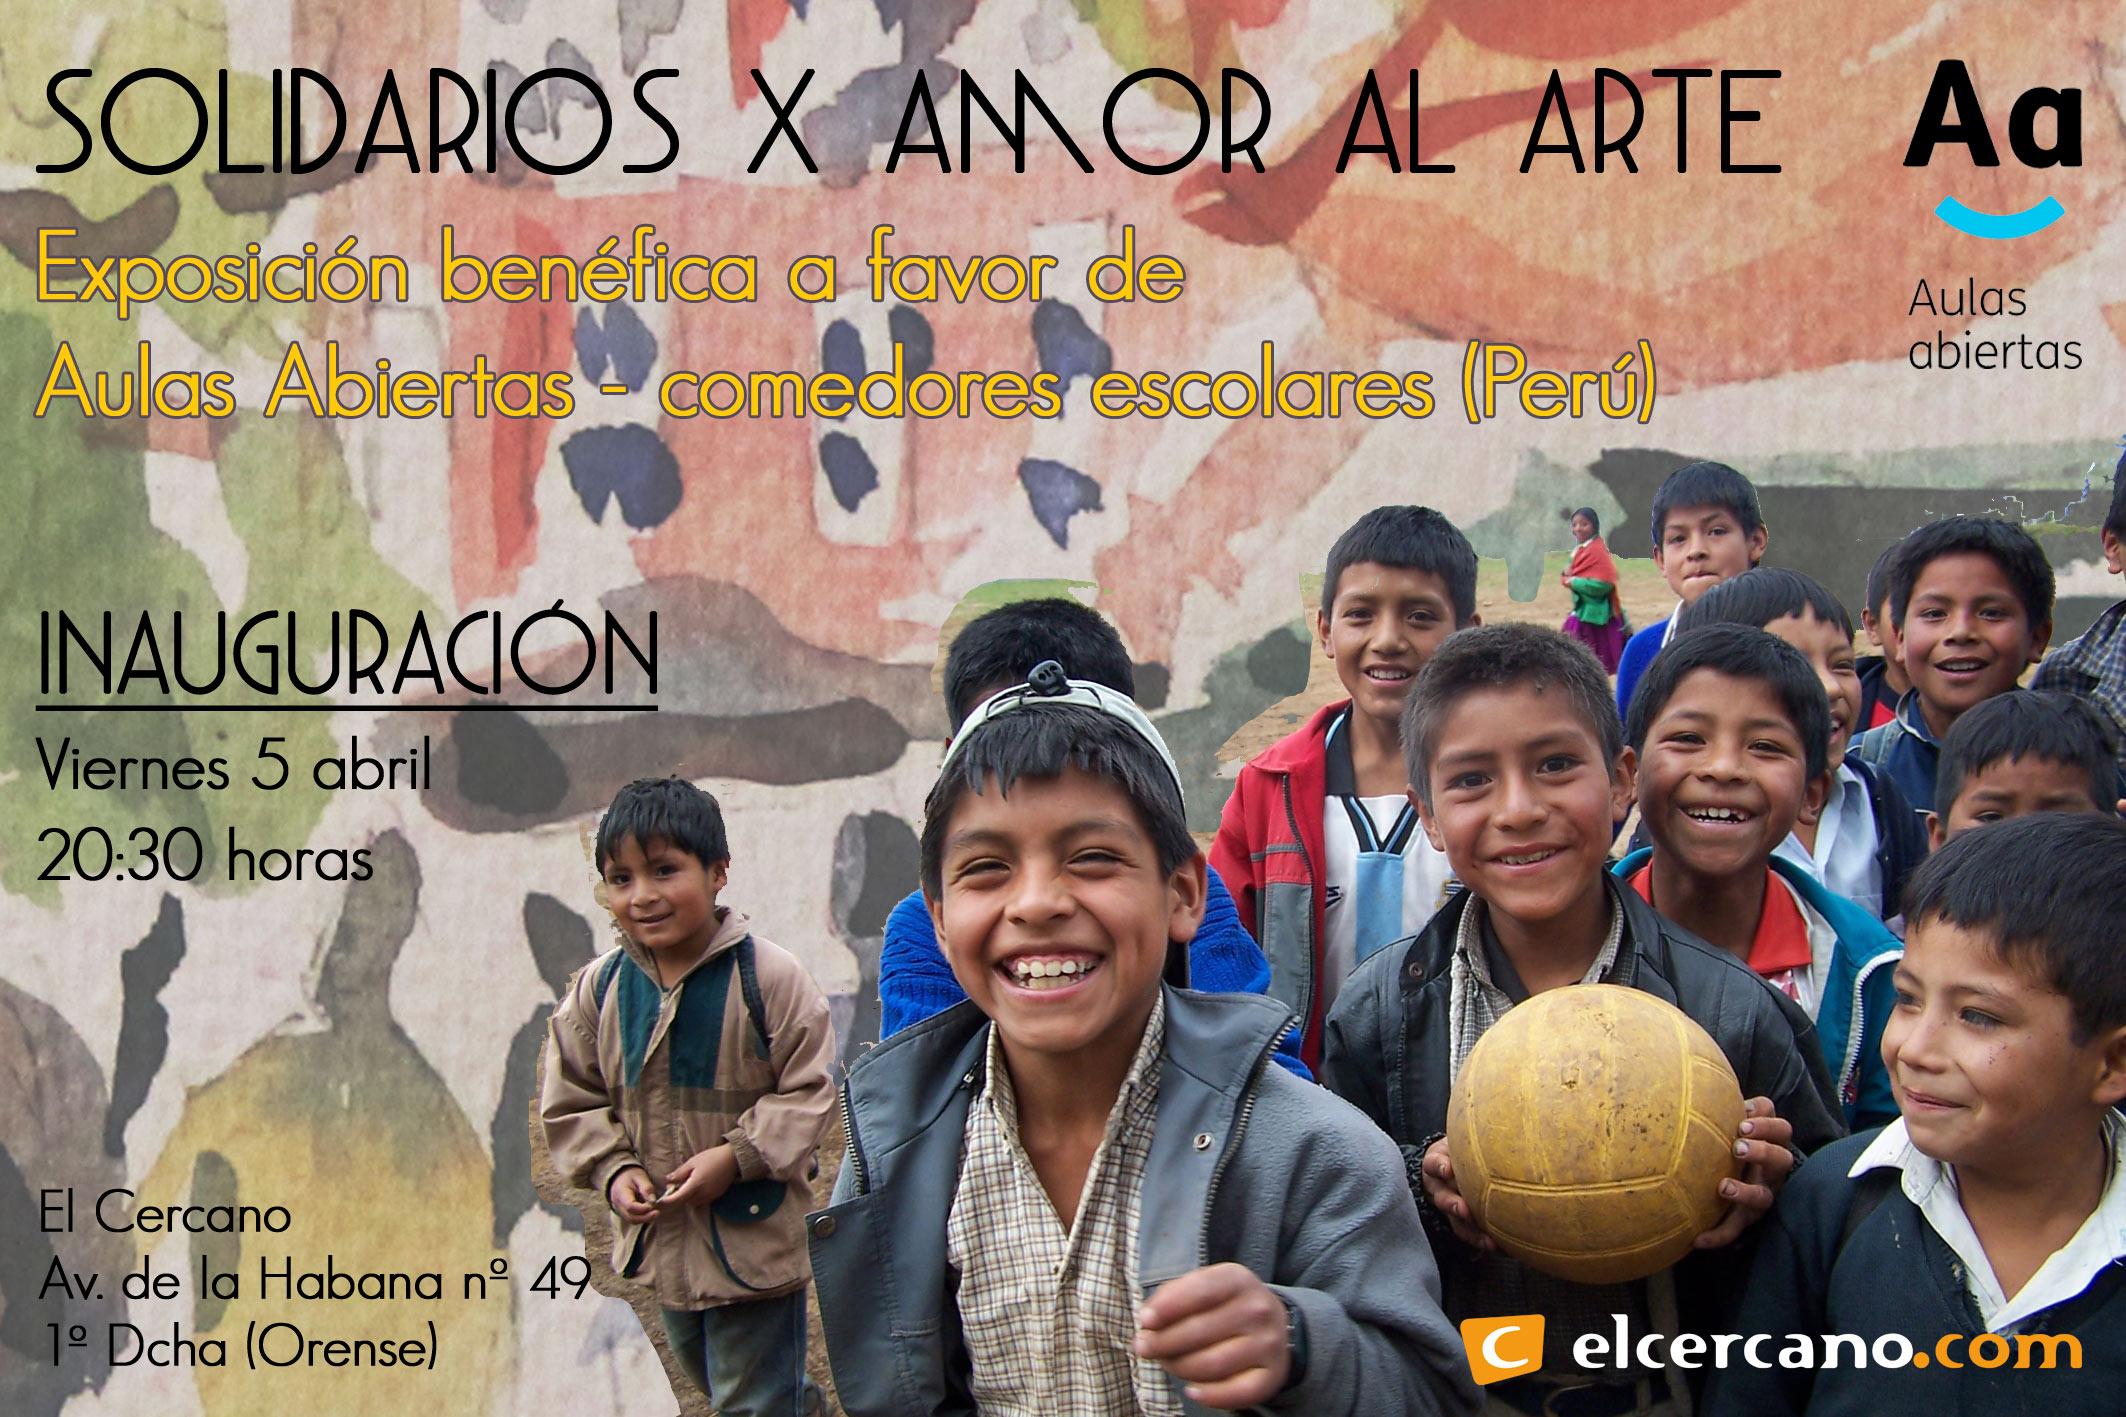 Exposicion benefica El Cercano - Aulas Abiertas